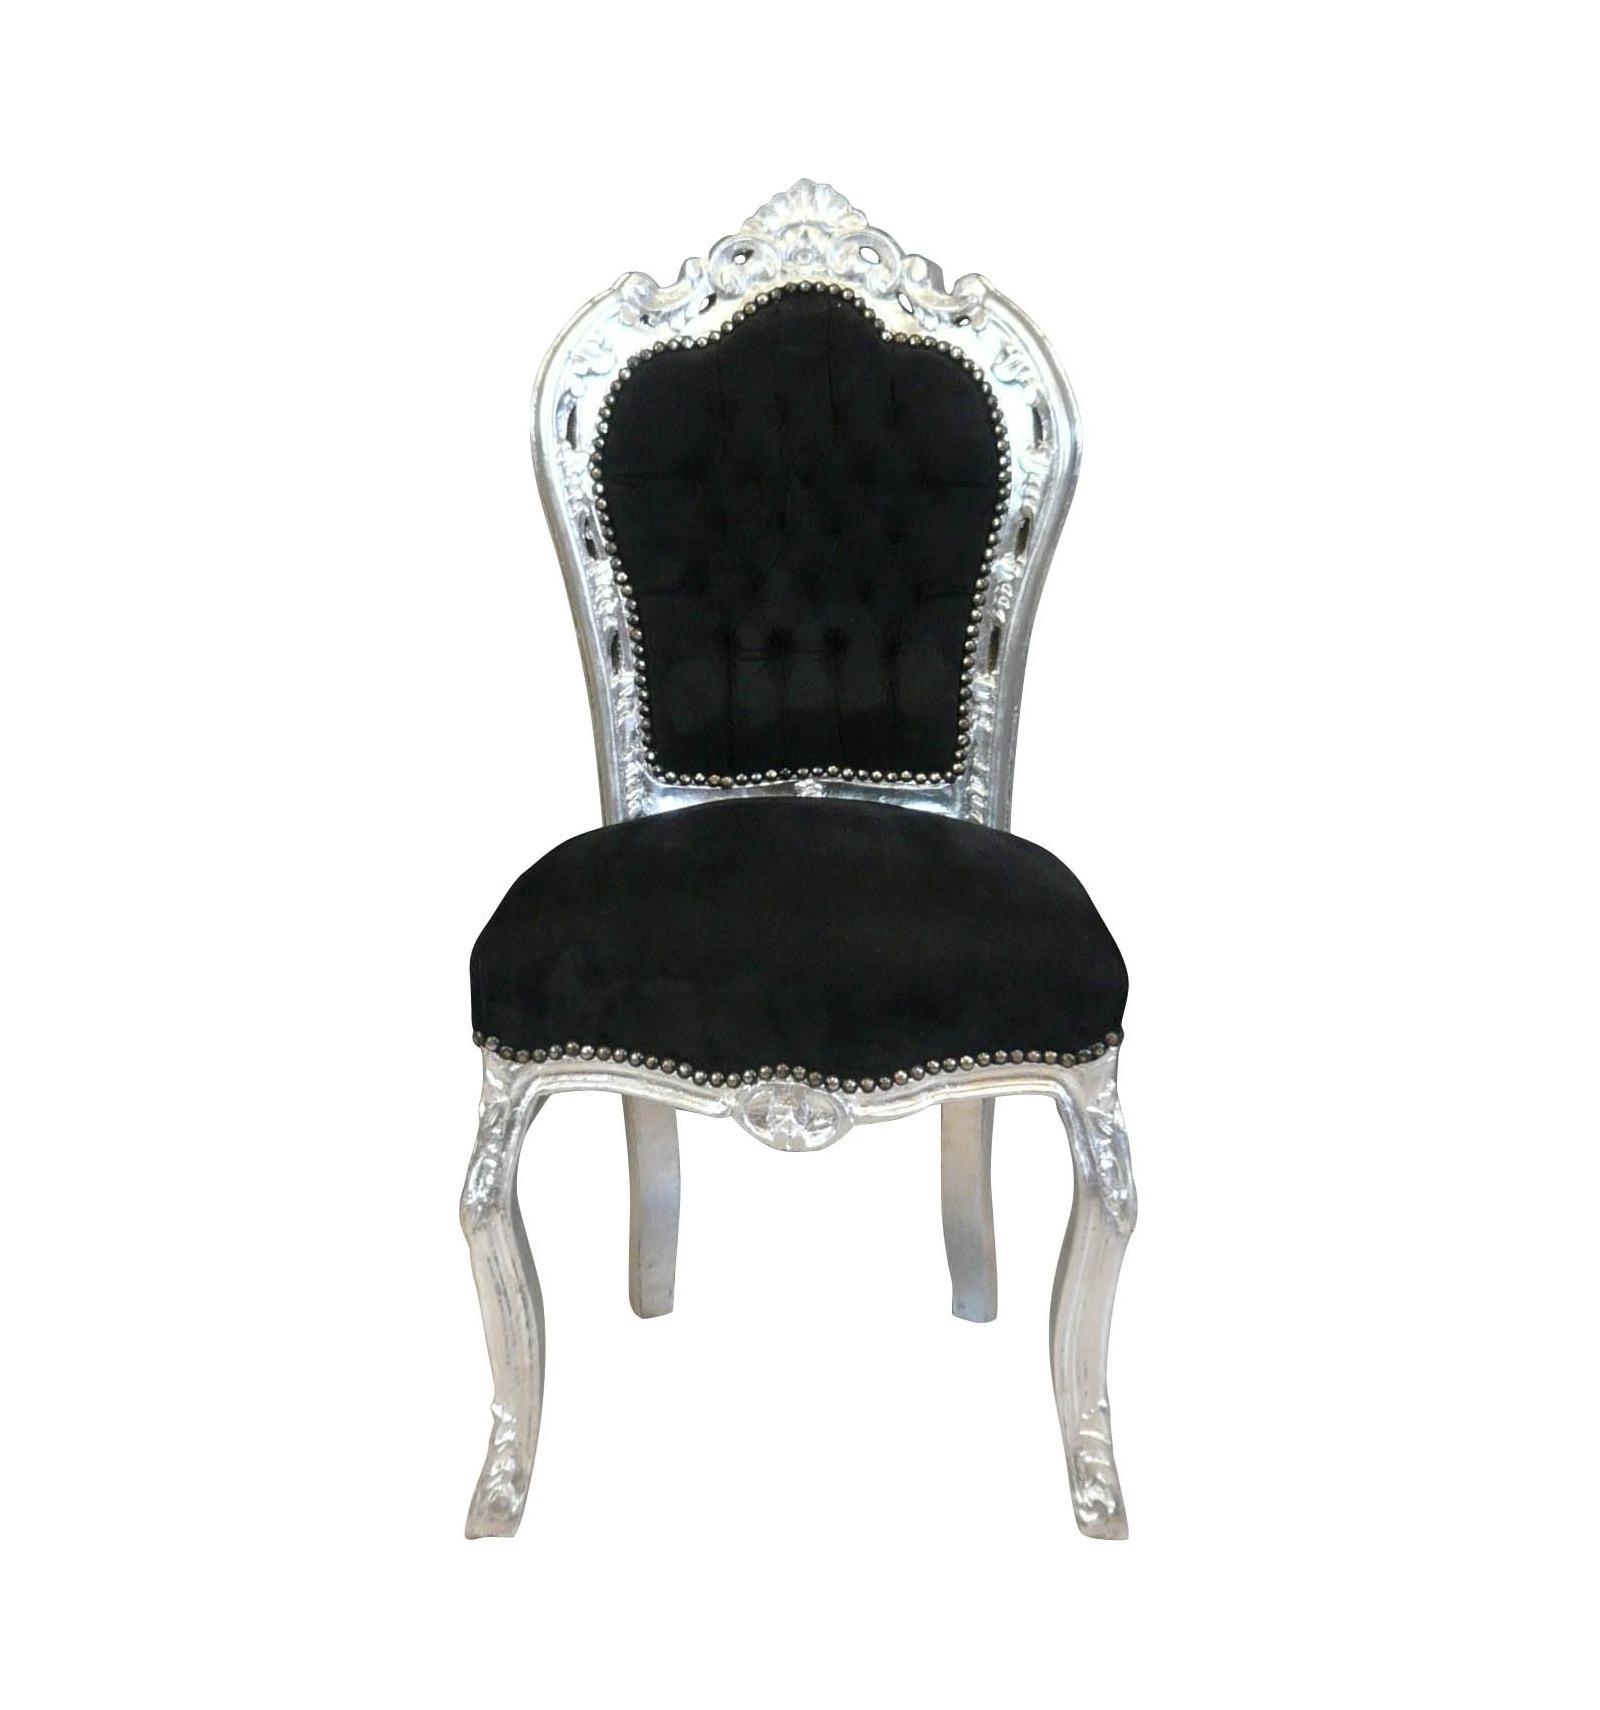 Barock stuhl in schwarzem samt und silber holz for Barock stuhl